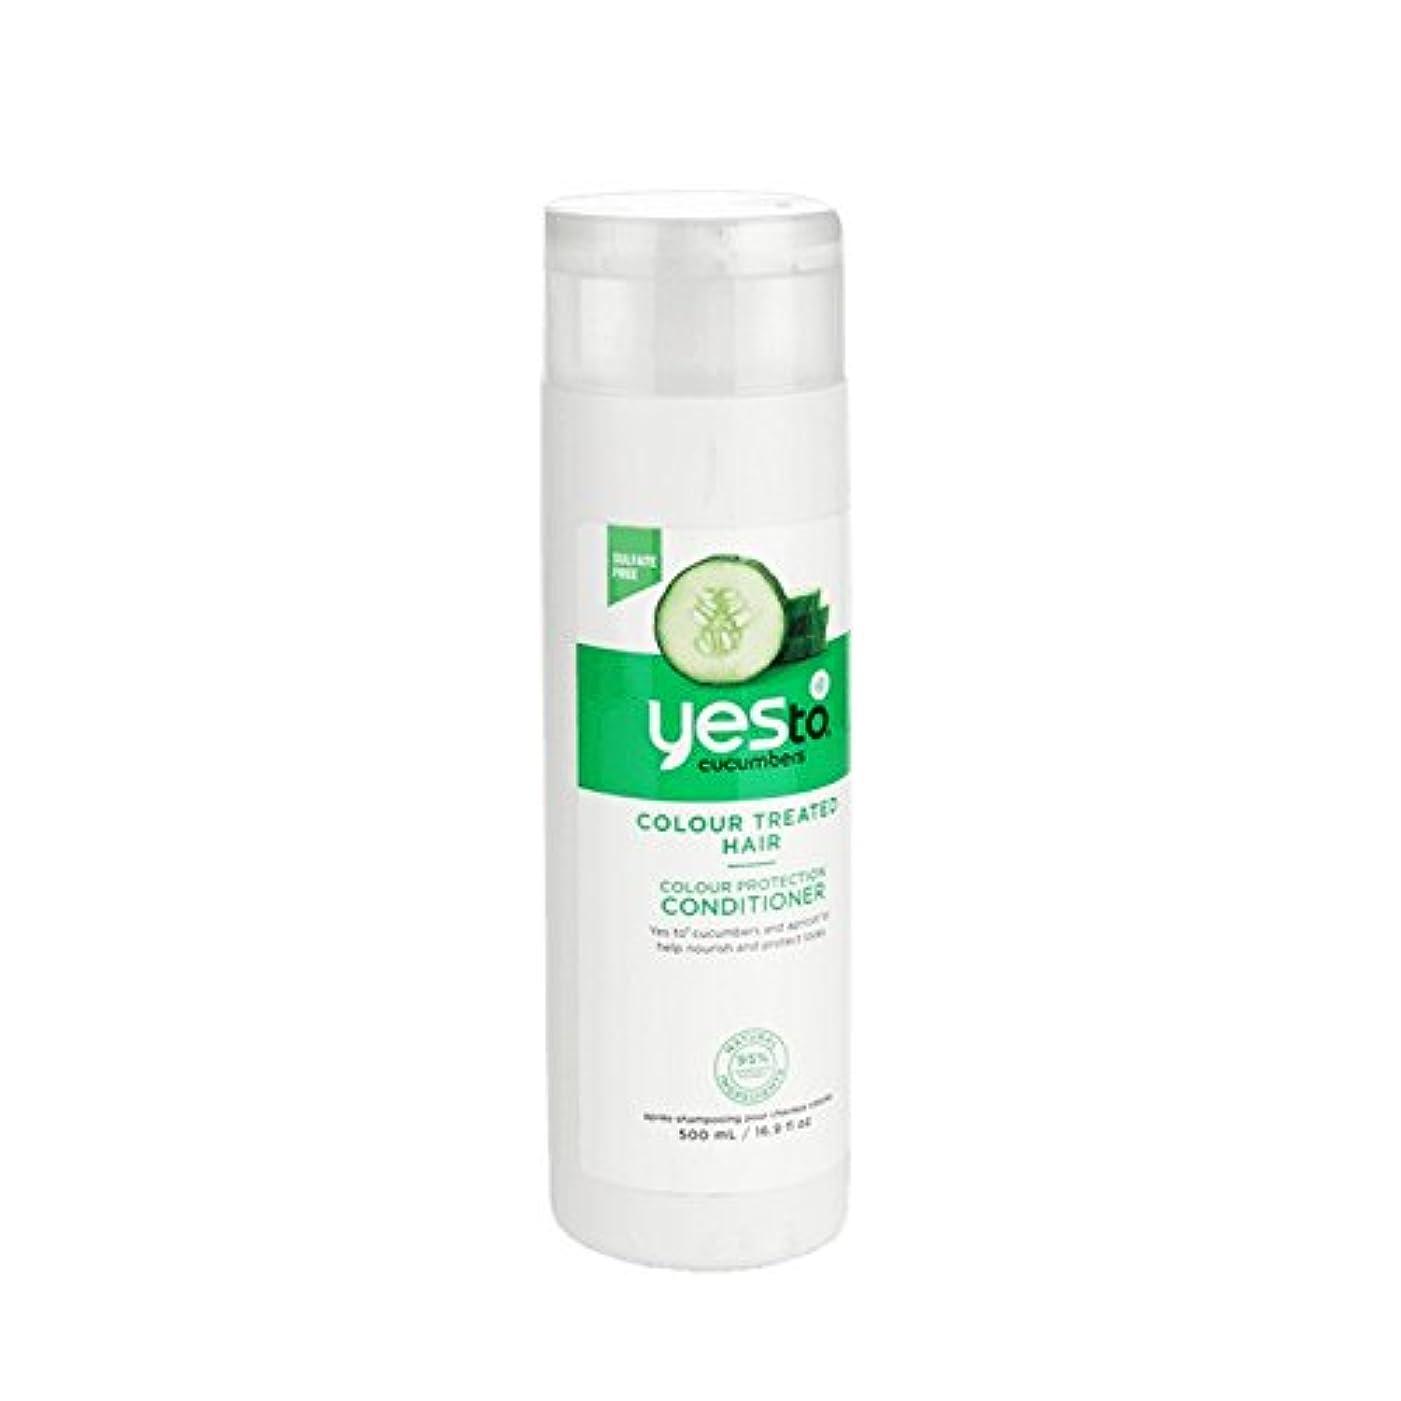 炎上設計図骨Yes To Cucumbers Colour Protection Conditioner 500ml (Pack of 6) - はいキュウリの色の保護コンディショナー500ミリリットルへ (x6) [並行輸入品]